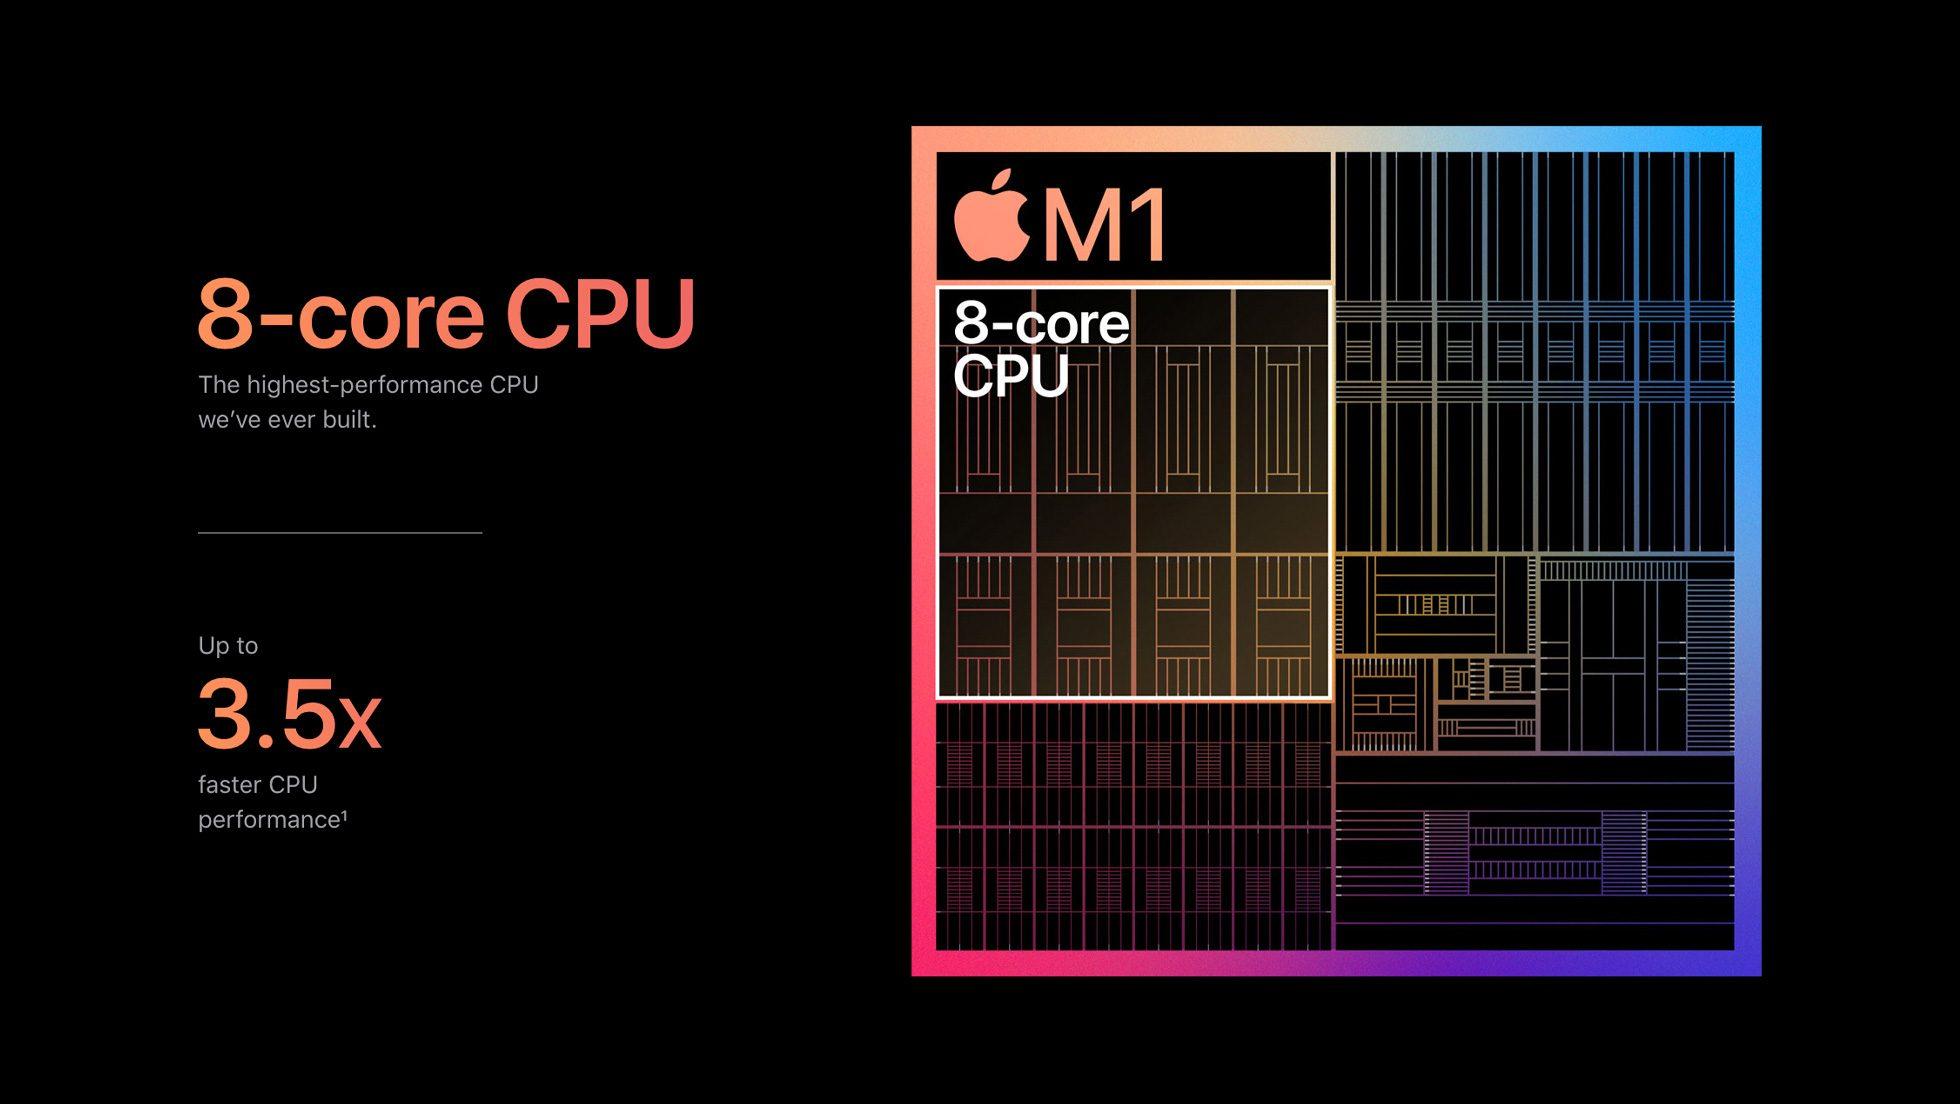 Microsoft Office tardará en arrancar en los nuevos Apple M1 basados en ARM